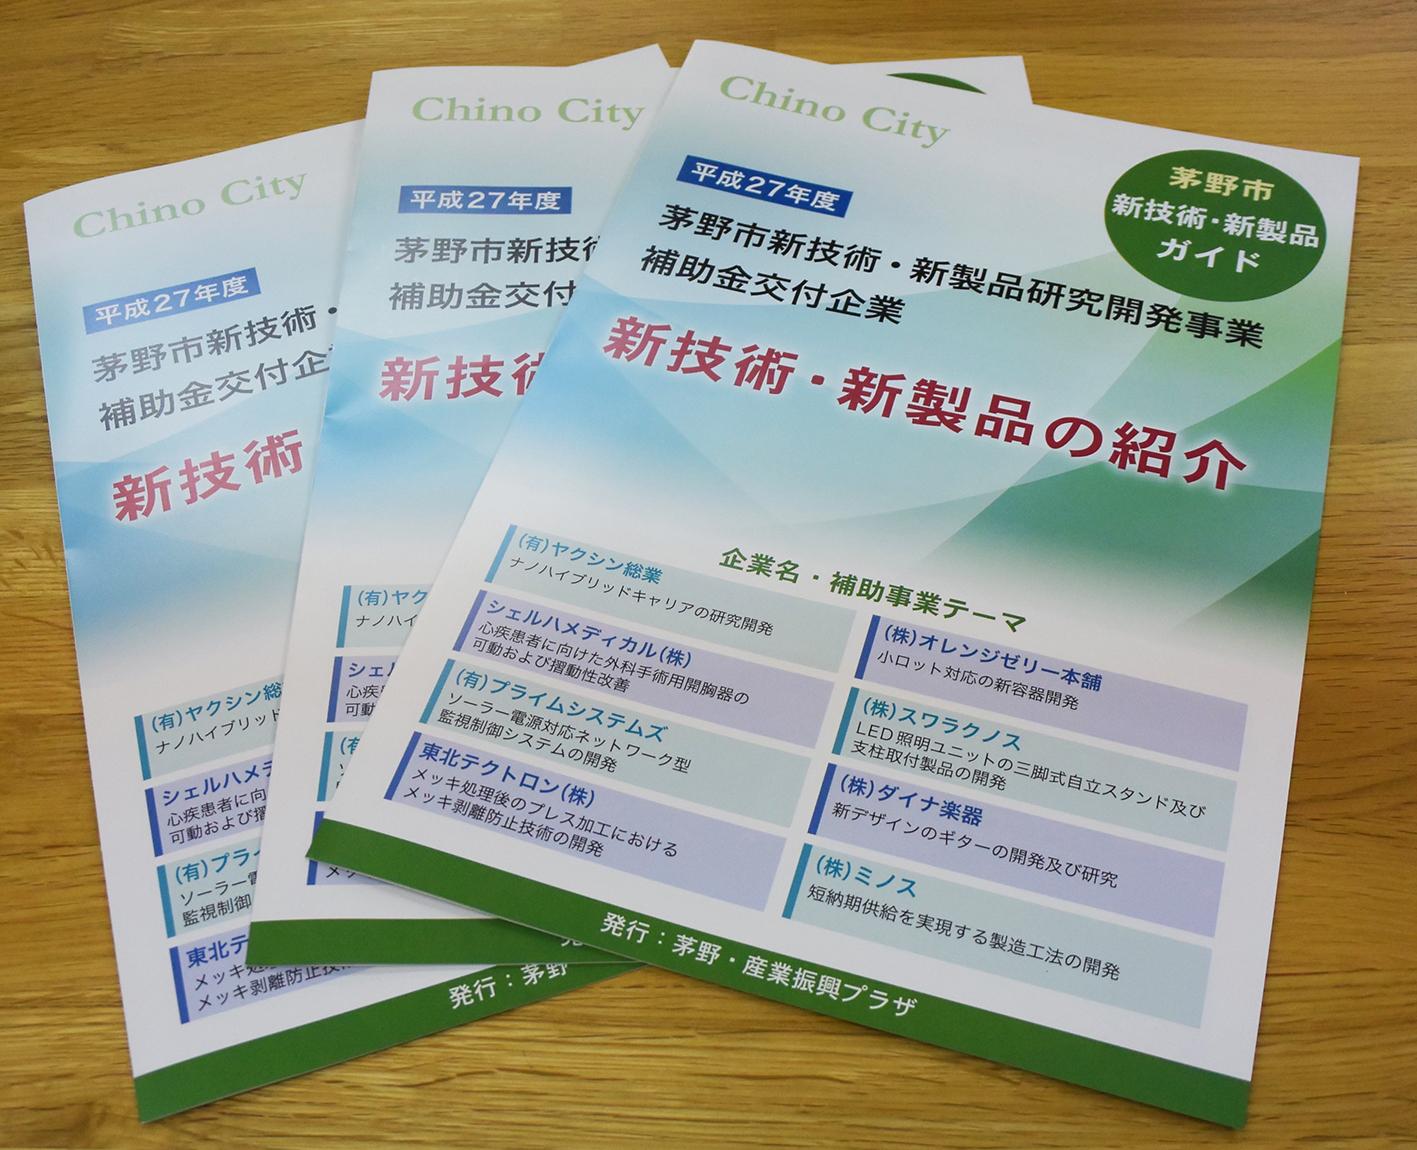 茅野市新技術・新製品カタログできました。